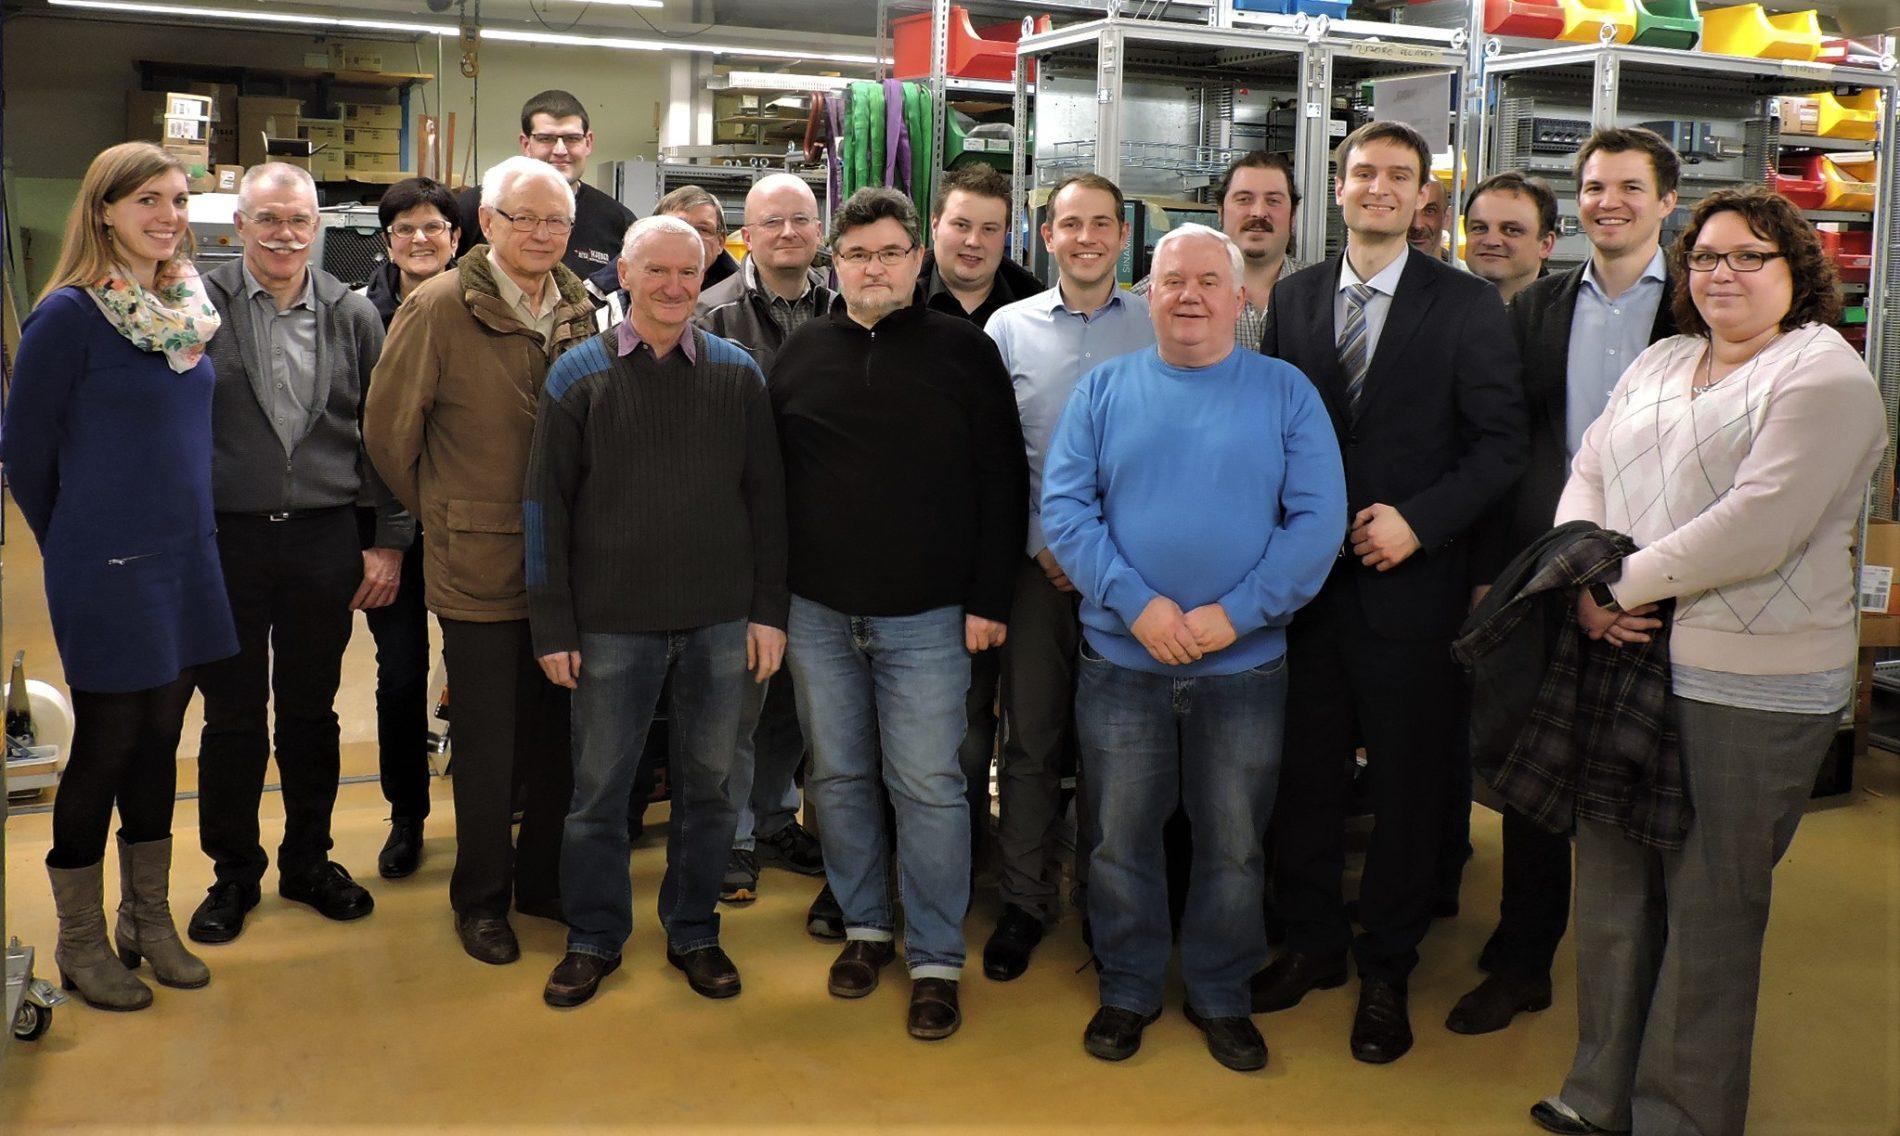 Roth Steuerungstechnik - 25. Januar 2018 - Billigheimer Gemeinderat besichtigte die ROTH Gruppe in Sulzbach